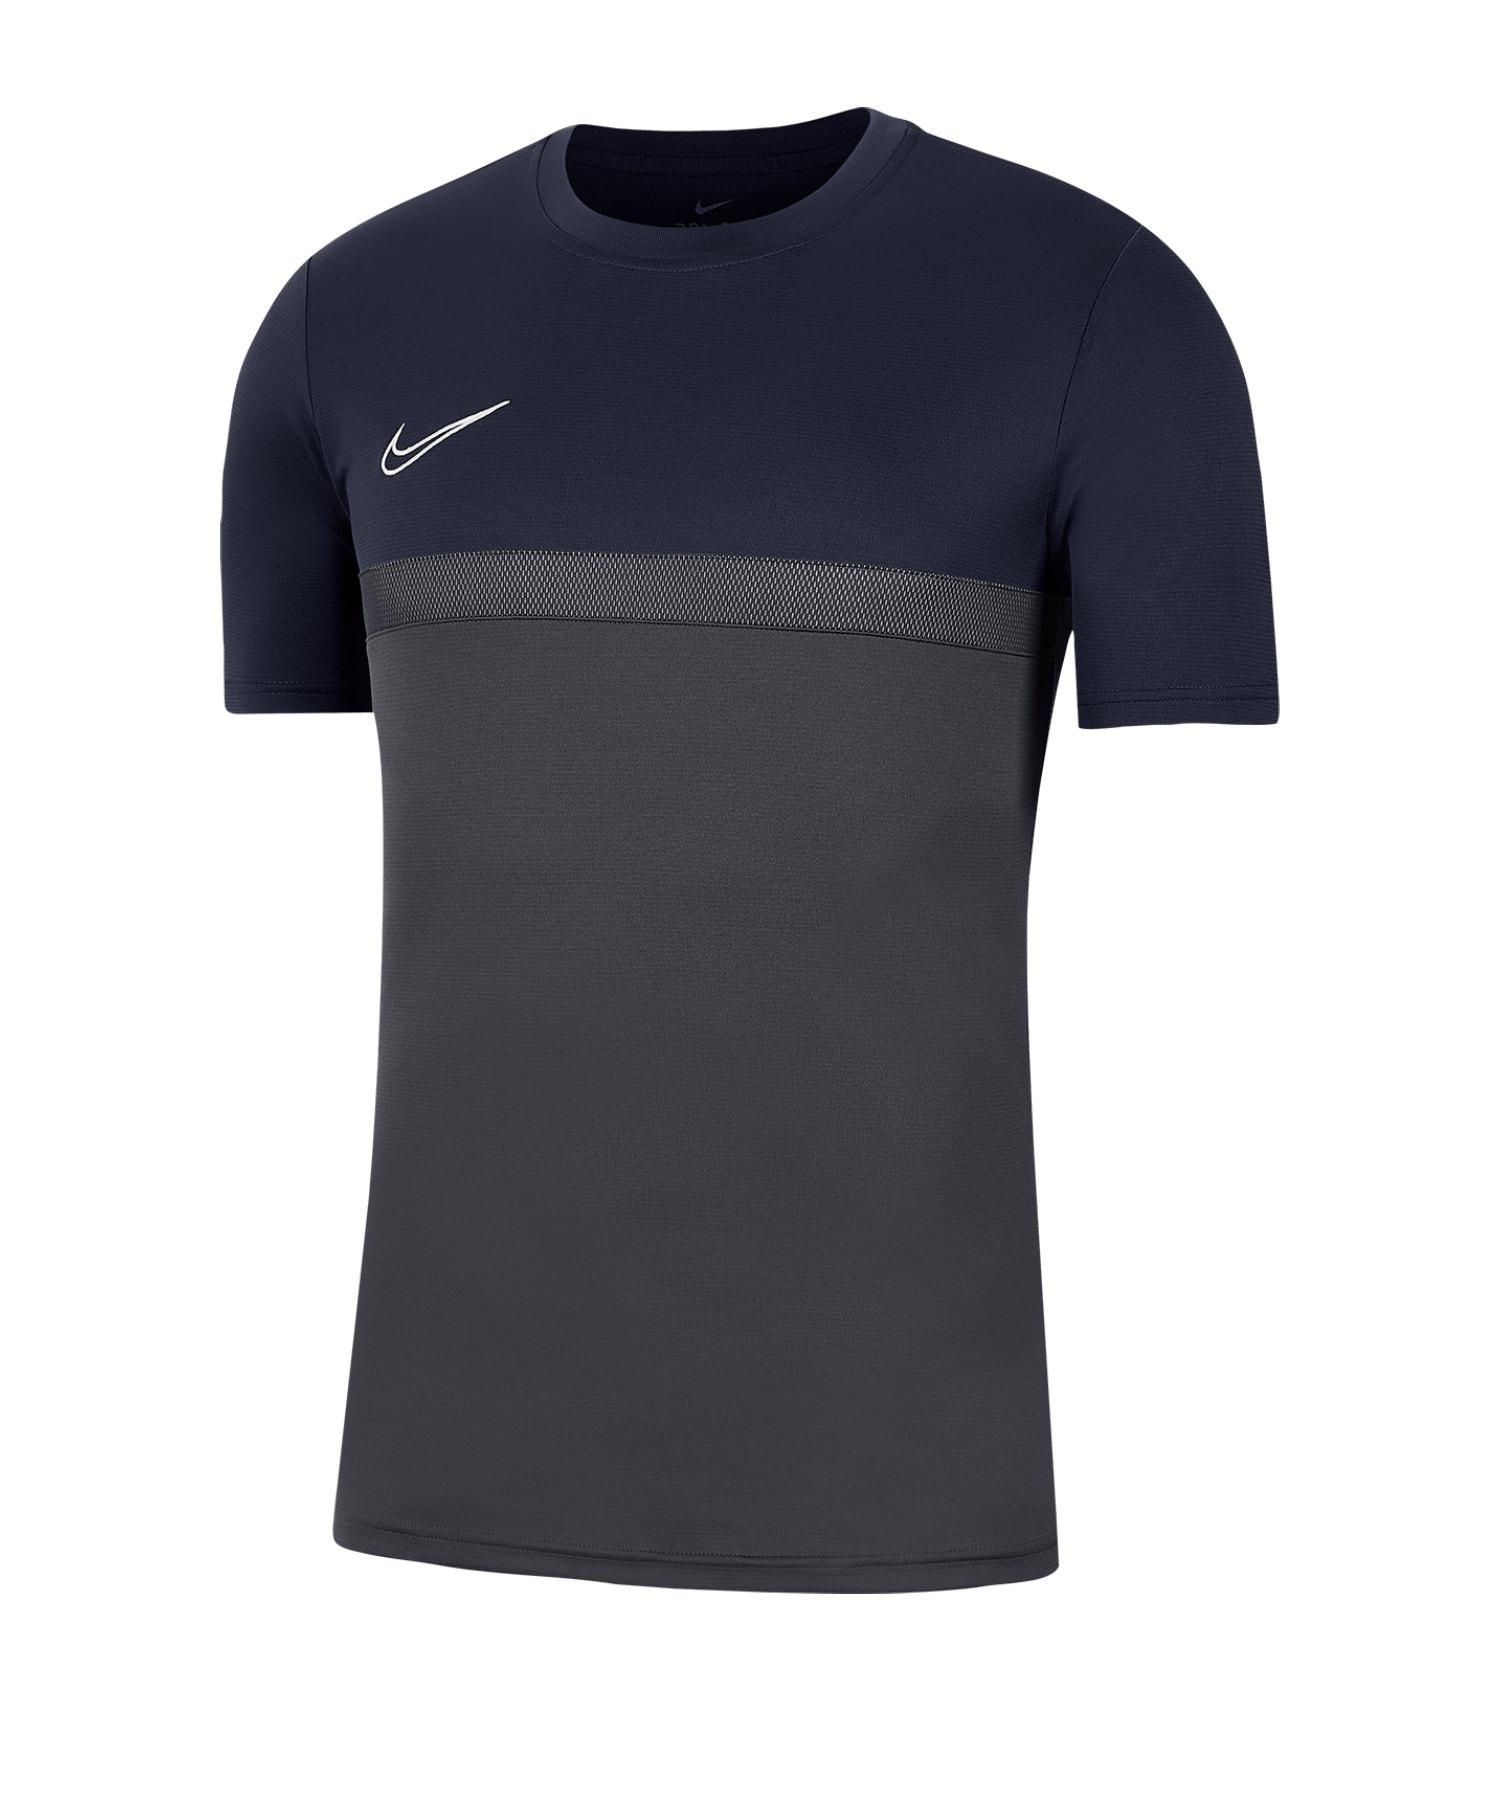 Nike Academy Pro T-Shirt Shirt Grau F076 - grau